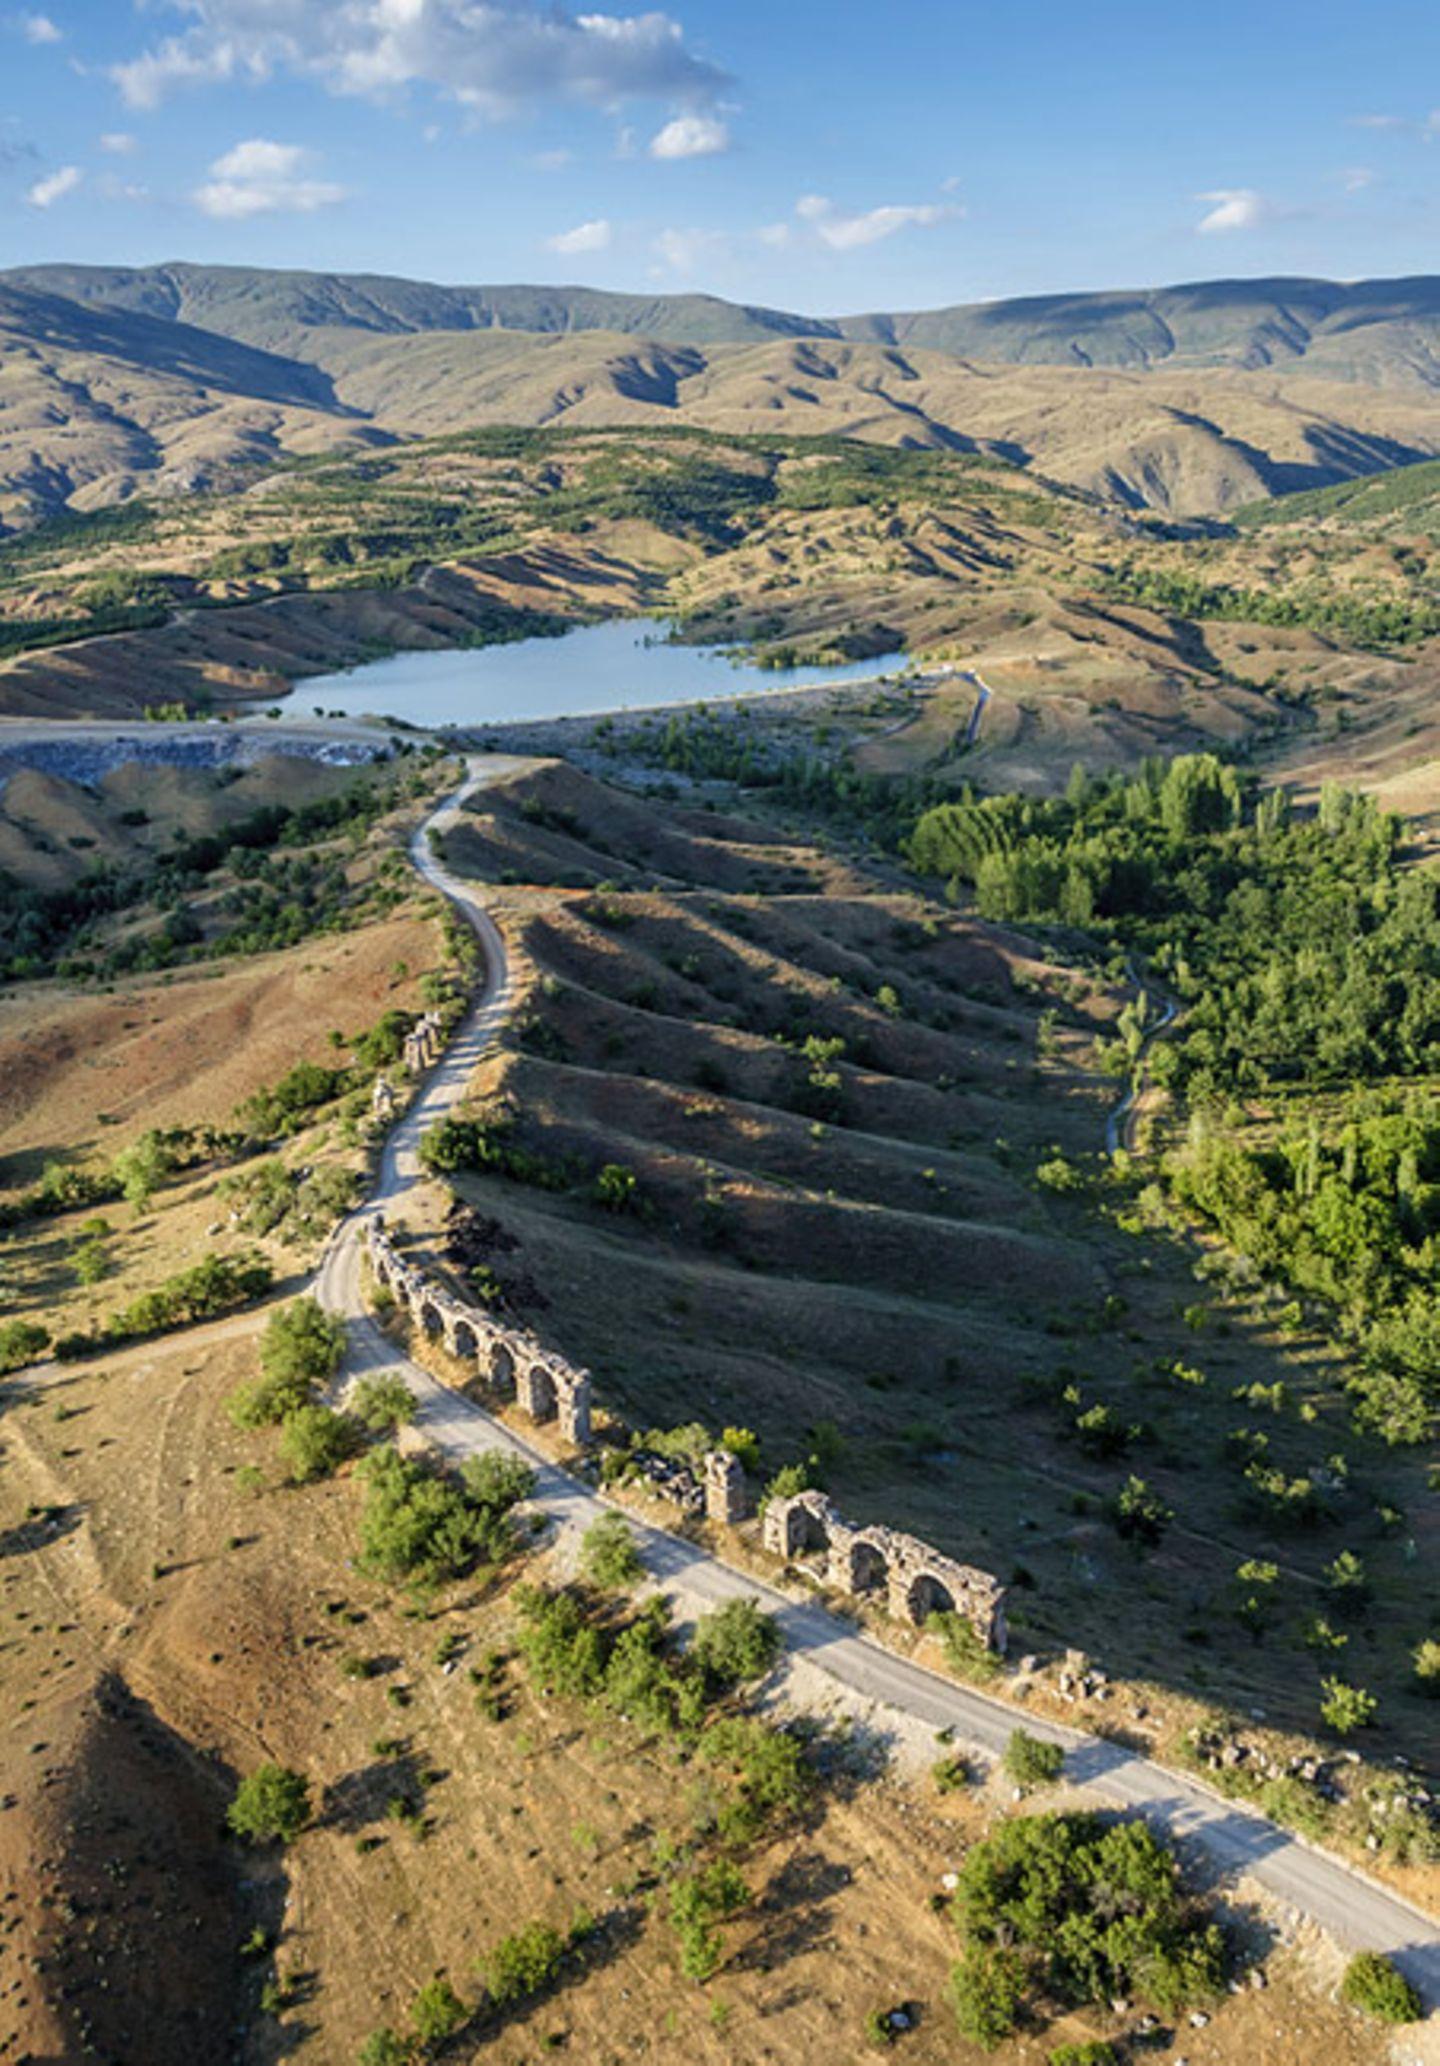 Pilgerweg: Vom Meer in die Hochebene - der naturnahe St. Paulusweg, Türkei